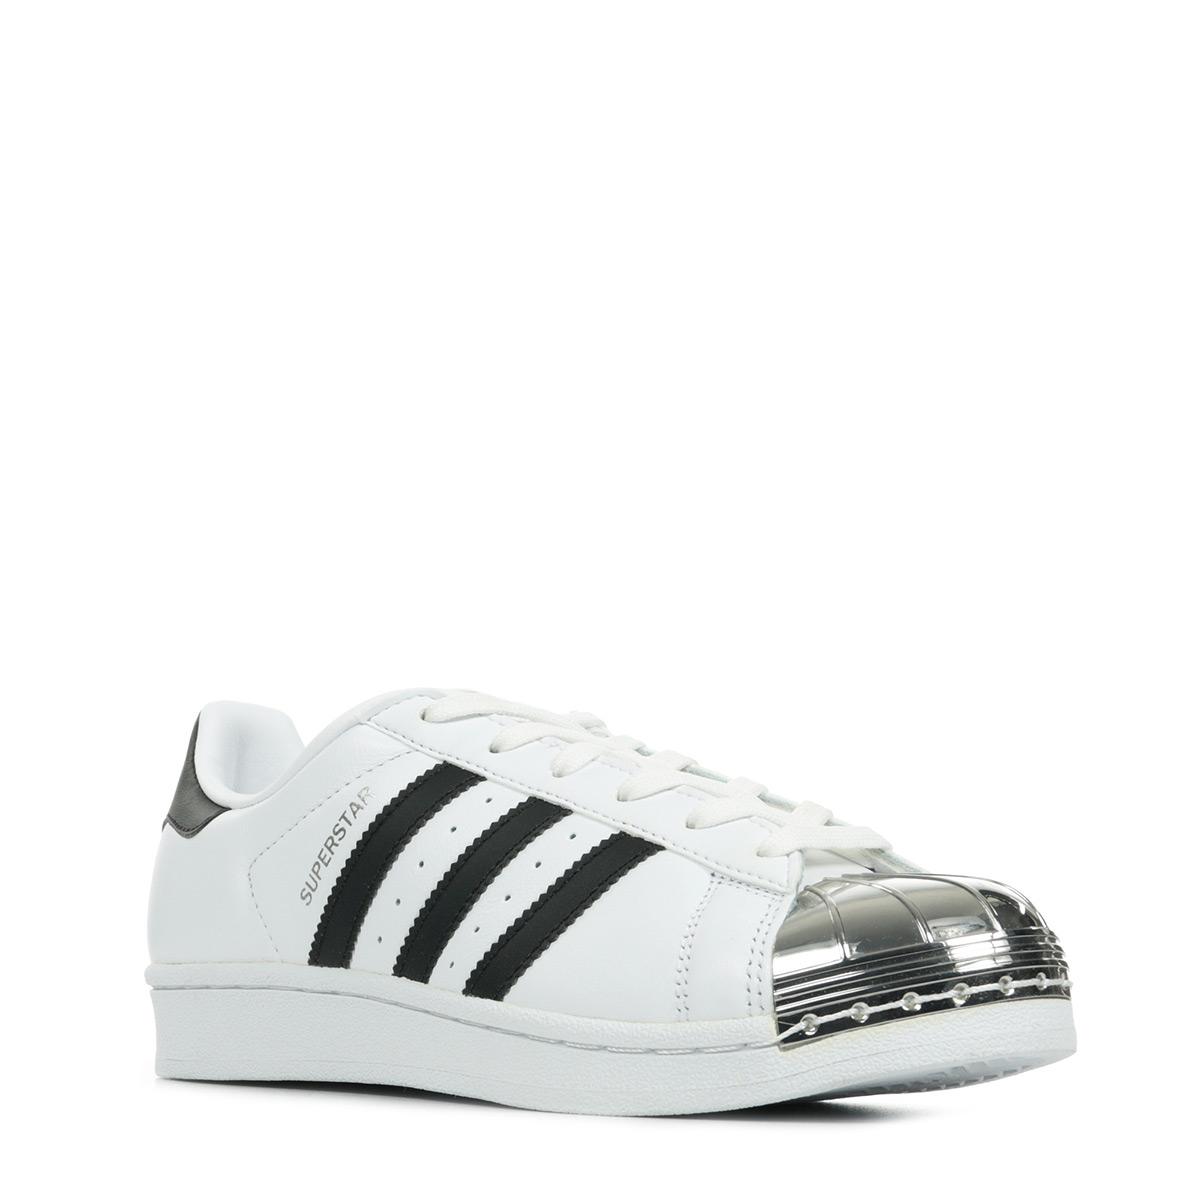 adidas Superstar Metal Toe BB5114, Baskets mode femme